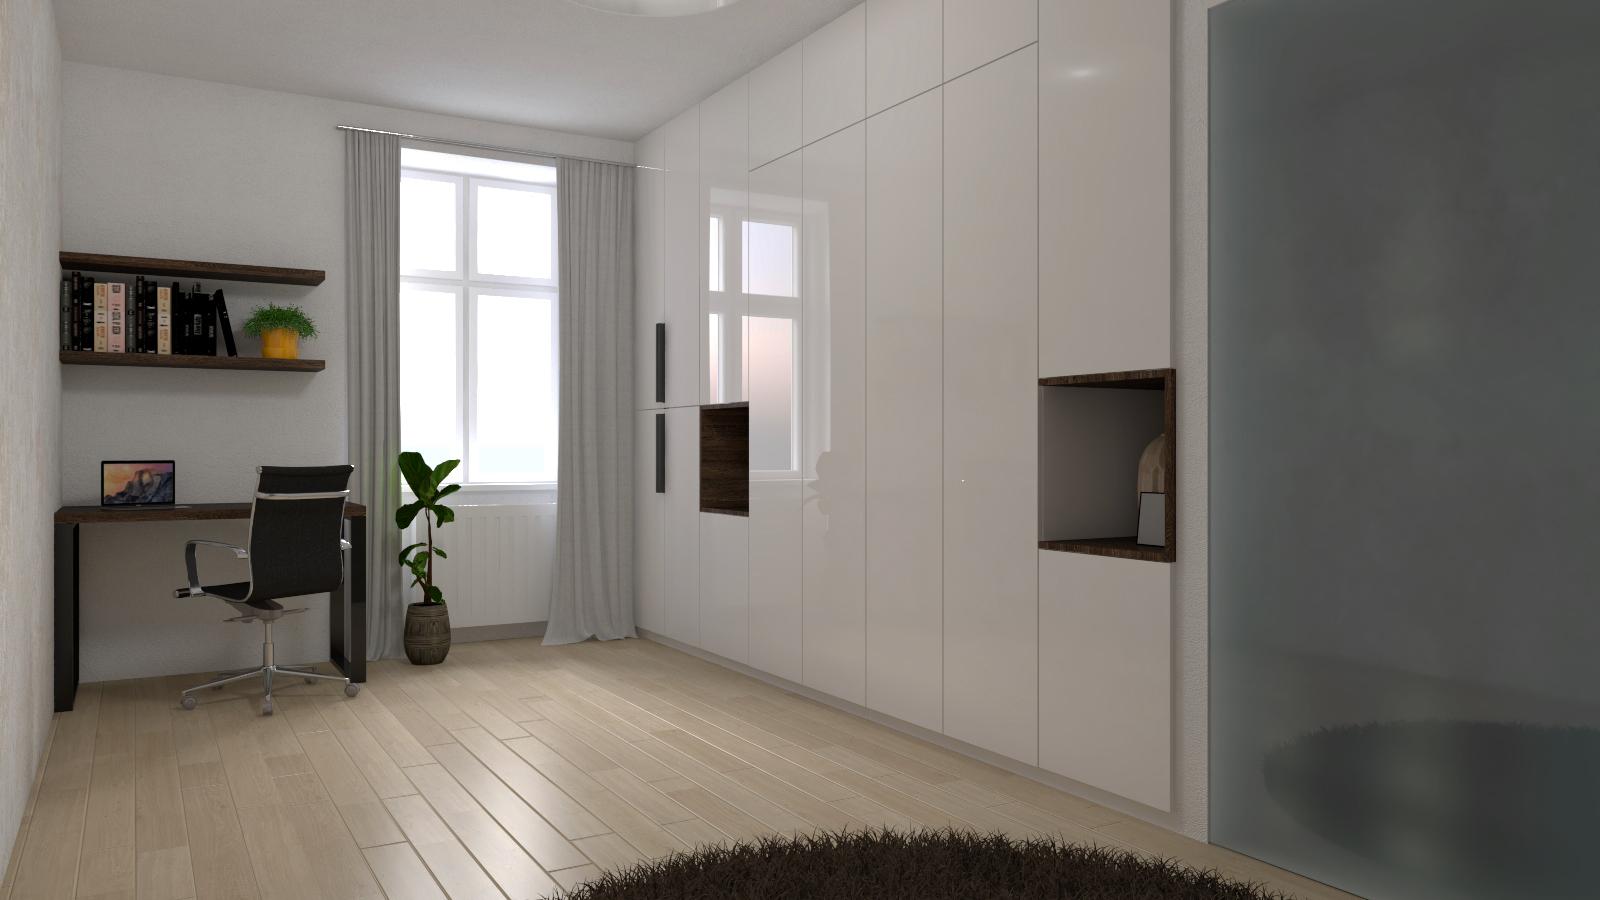 Řešení interiéru multifunkční místnosti 3